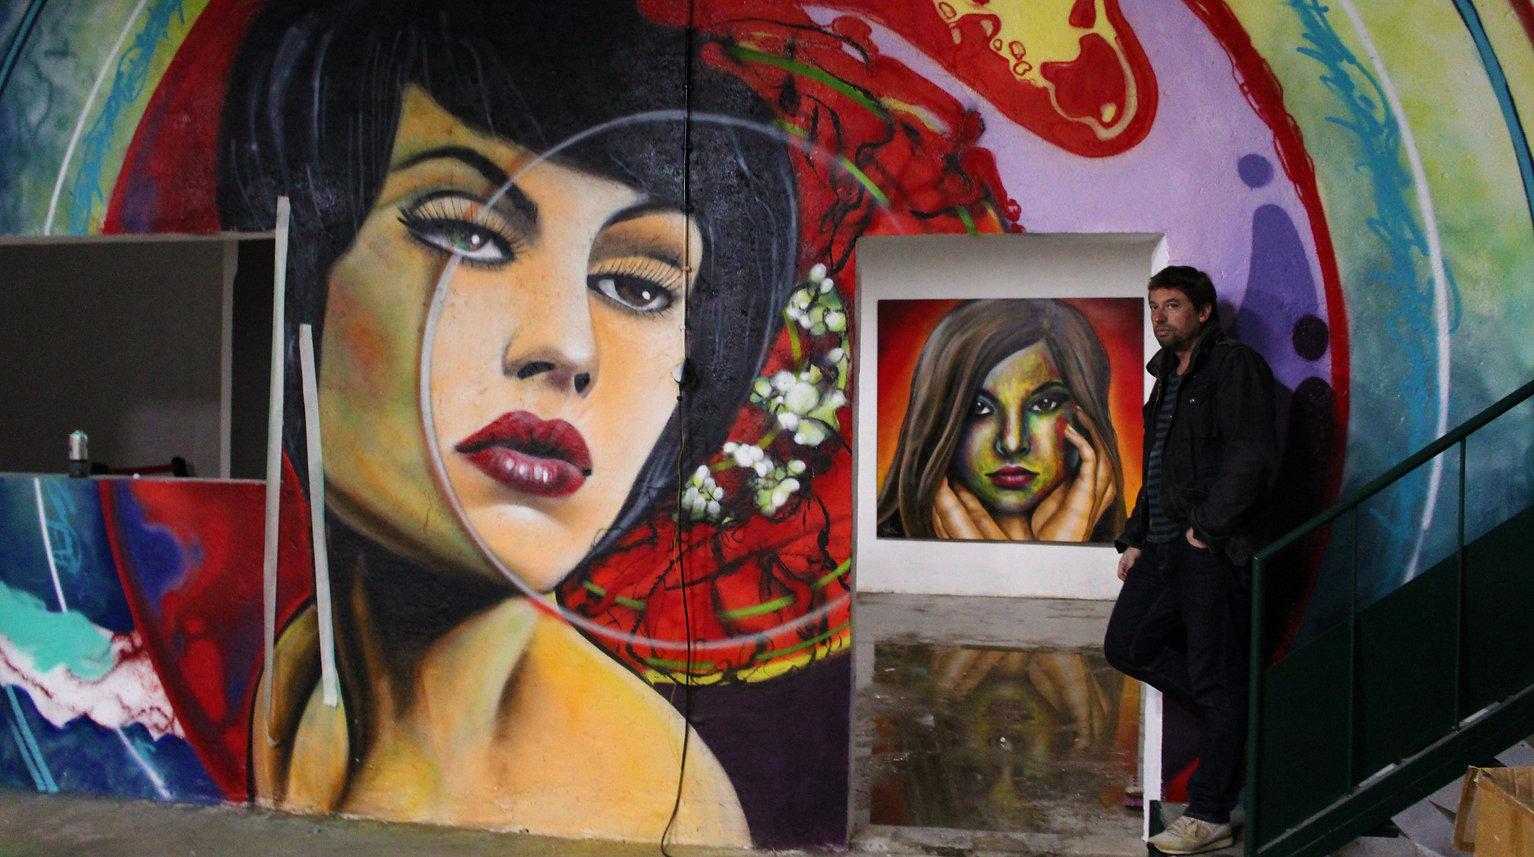 Double Trouble studio, Double trouble crew, nomen, graffiti lisboa, decoração graffiti, telas de graffiti, artistas portugueses de graffiti, melhores artistas de graffiti de portugal, biografia de Nomen, activista politico, murais politicos, pioneiro do graffiti portugal